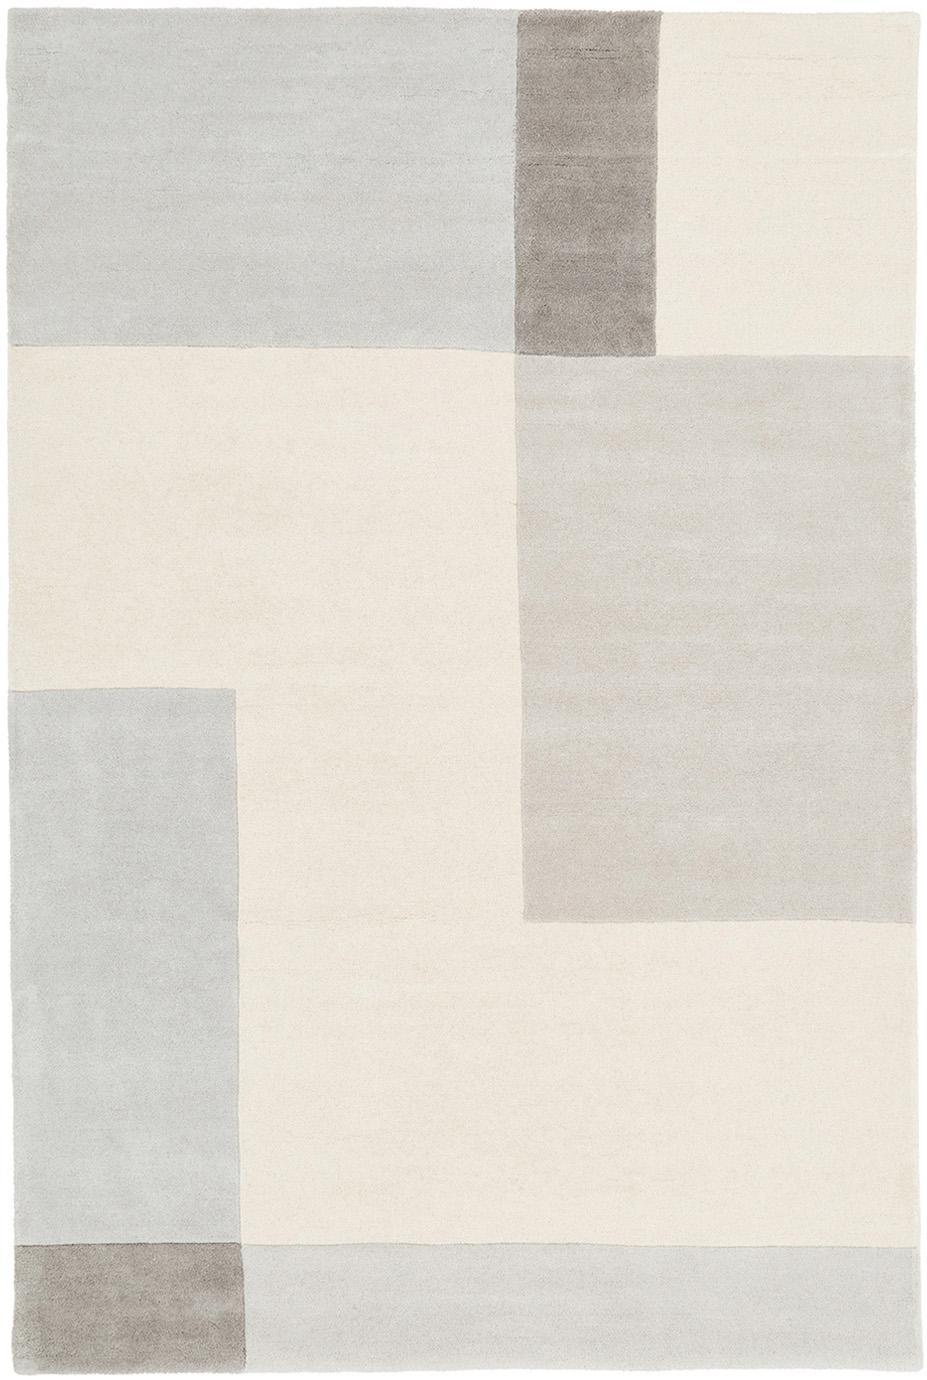 Handgetuft wollen vloerkleed Keith, Bovenzijde: 100% wol, Onderzijde: katoen, Beige, grijs, B 120 x L 180 cm (maat S)